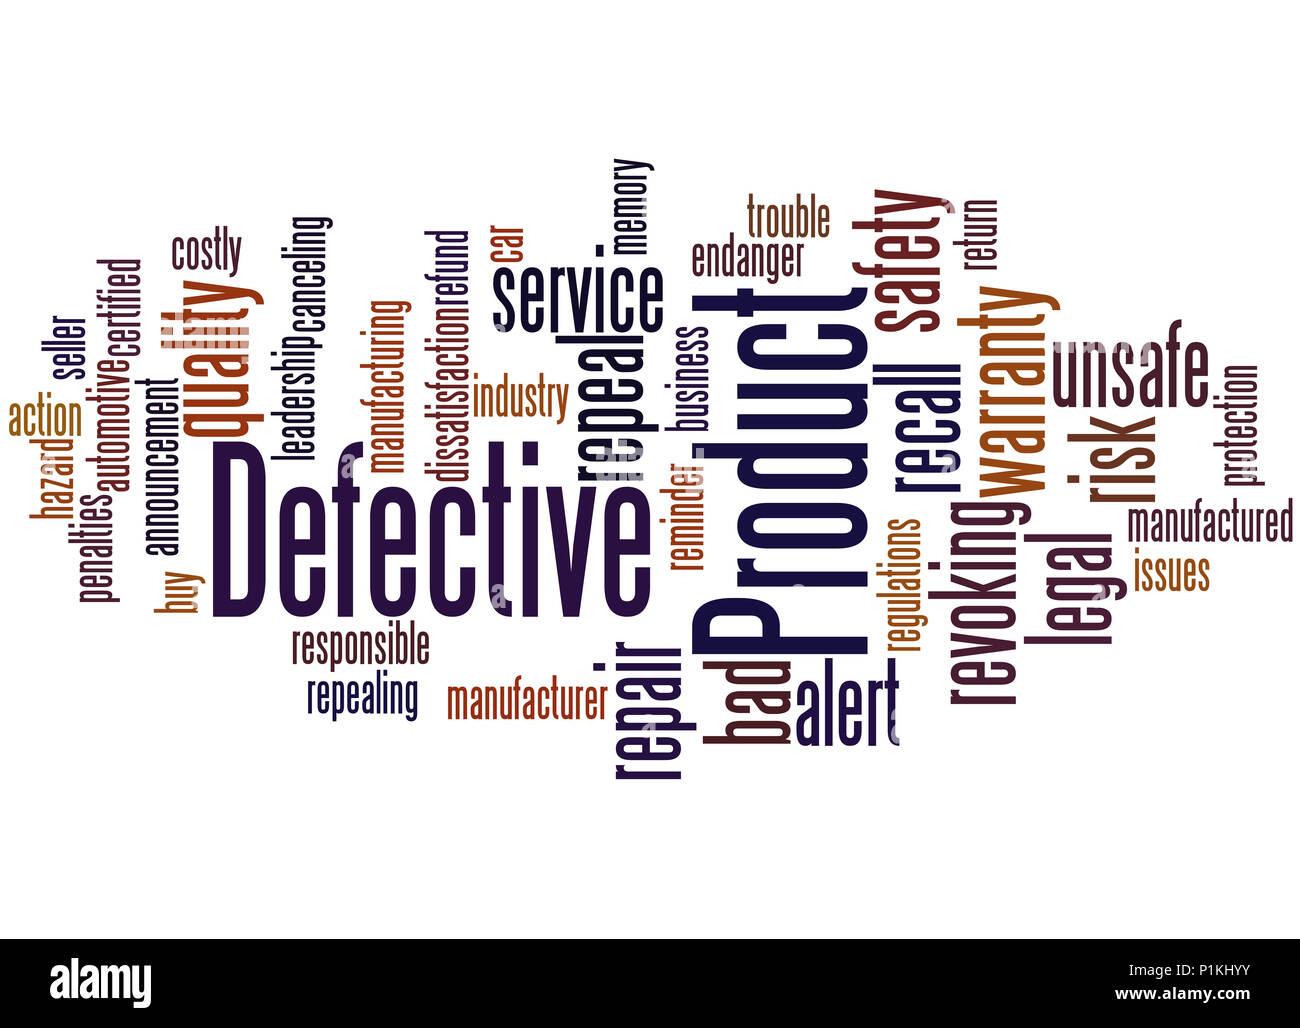 Defektes Produkt, Word cloud Konzept auf weißem Hintergrund. Stockbild